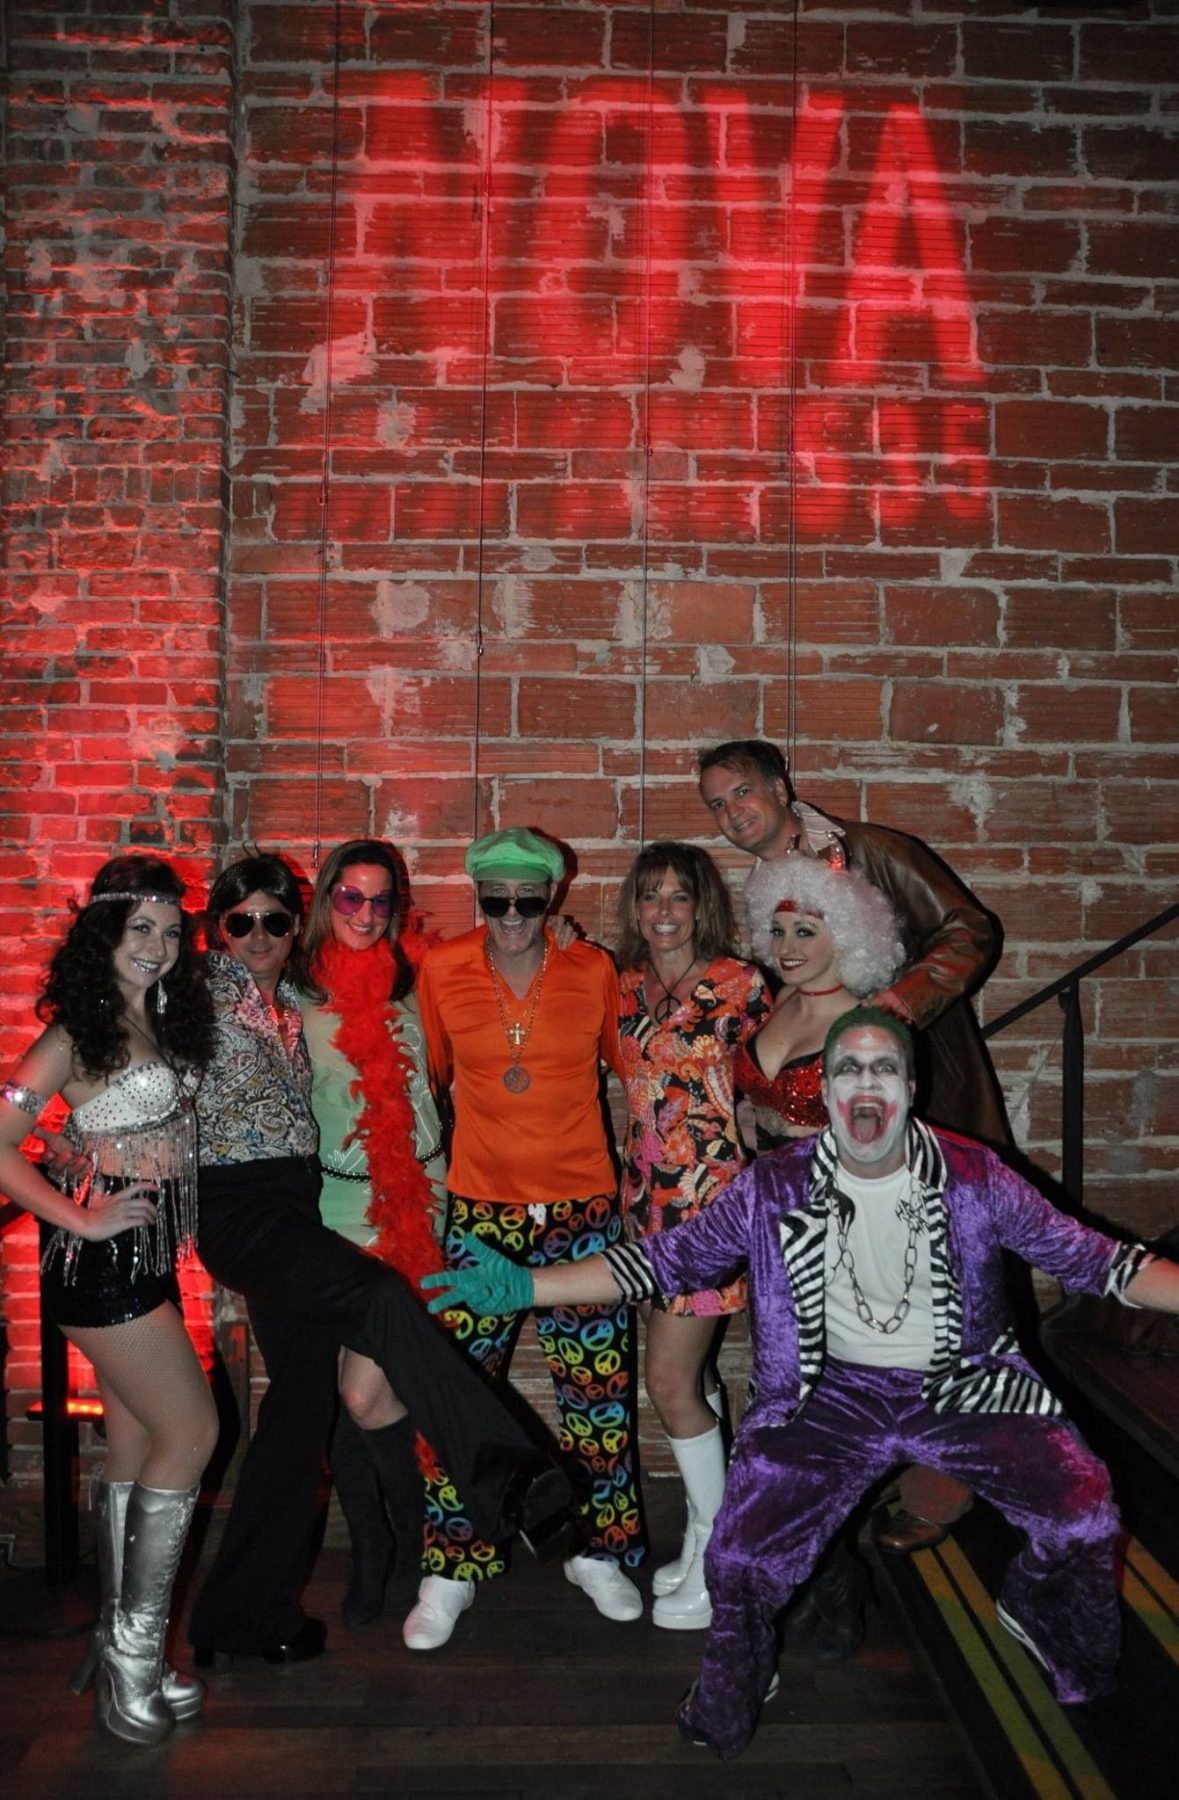 Novaween 9 at venue nova 535 costumed friends